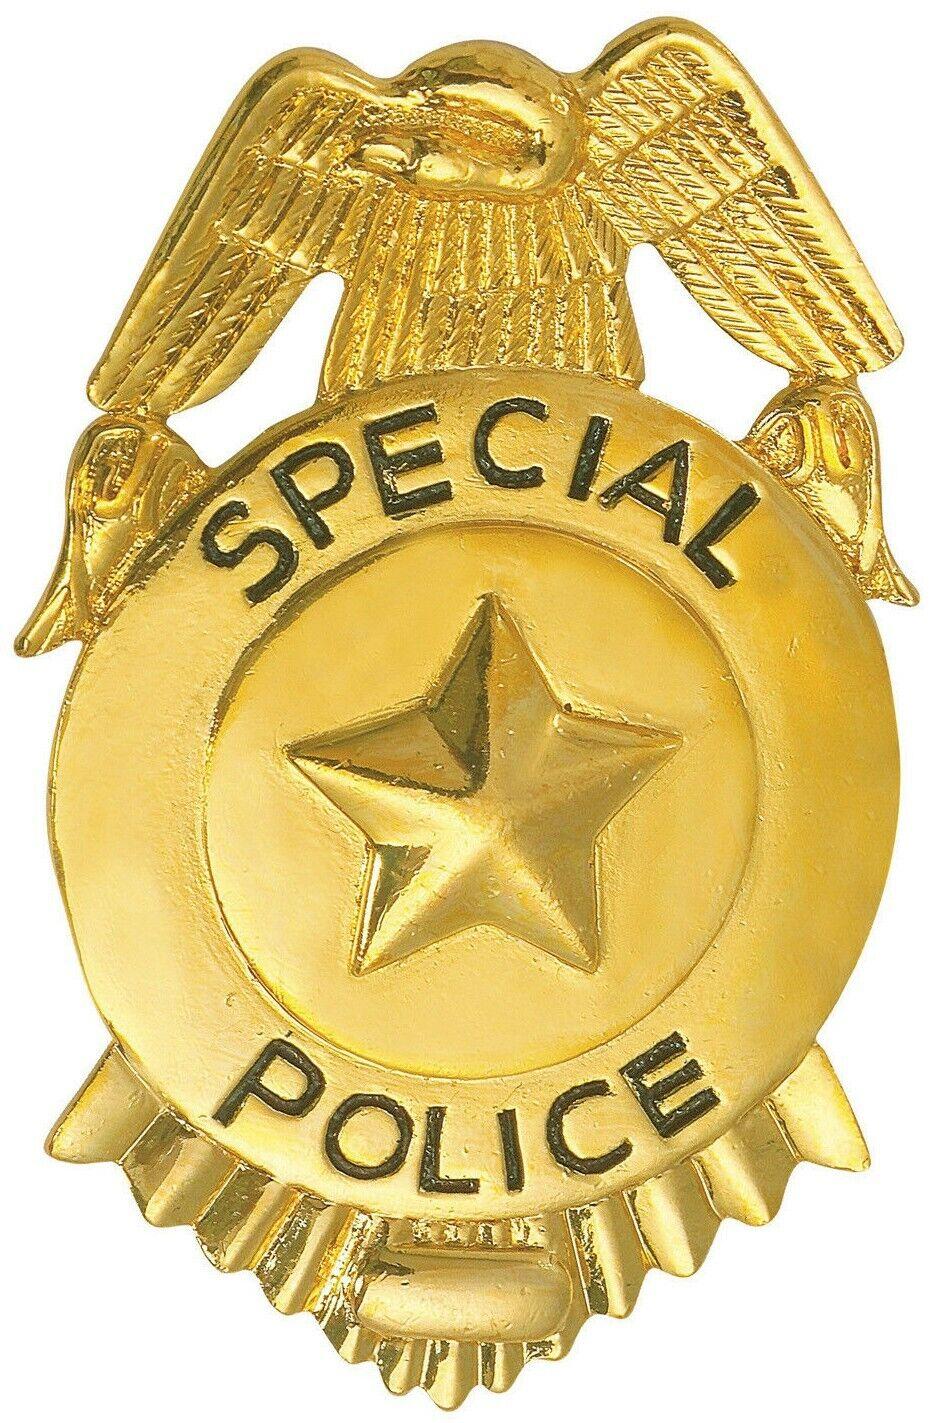 FBI Marke Special Polizei Abzeichen US Dienstmarke Polizeimarke Polizeiabzeichen